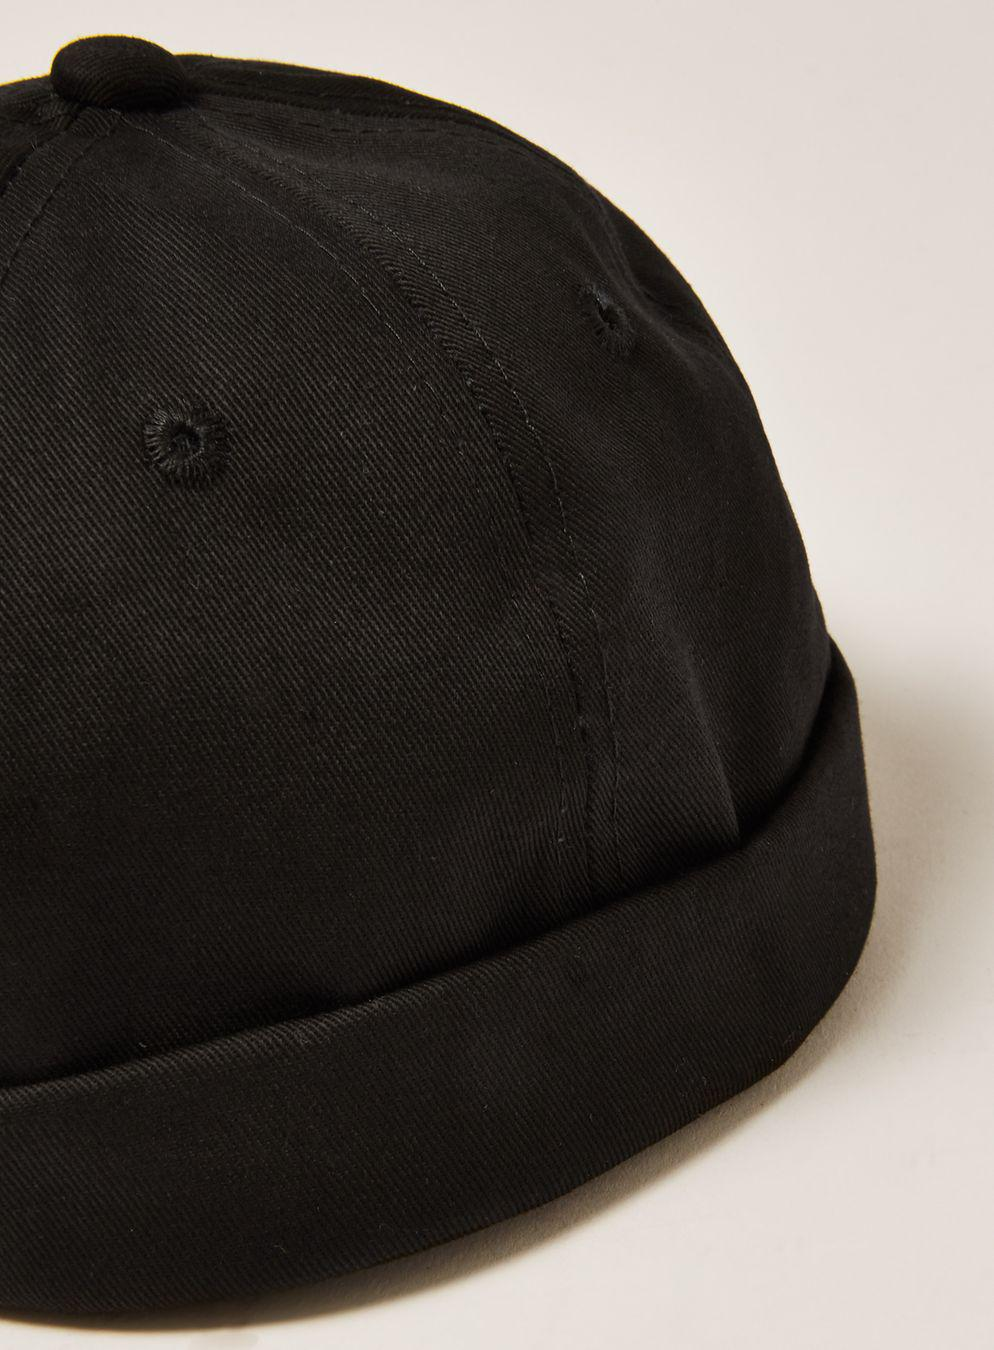 707f9830a8820 Lyst - TOPMAN Nicce Black Mini Docker Hat in Black for Men